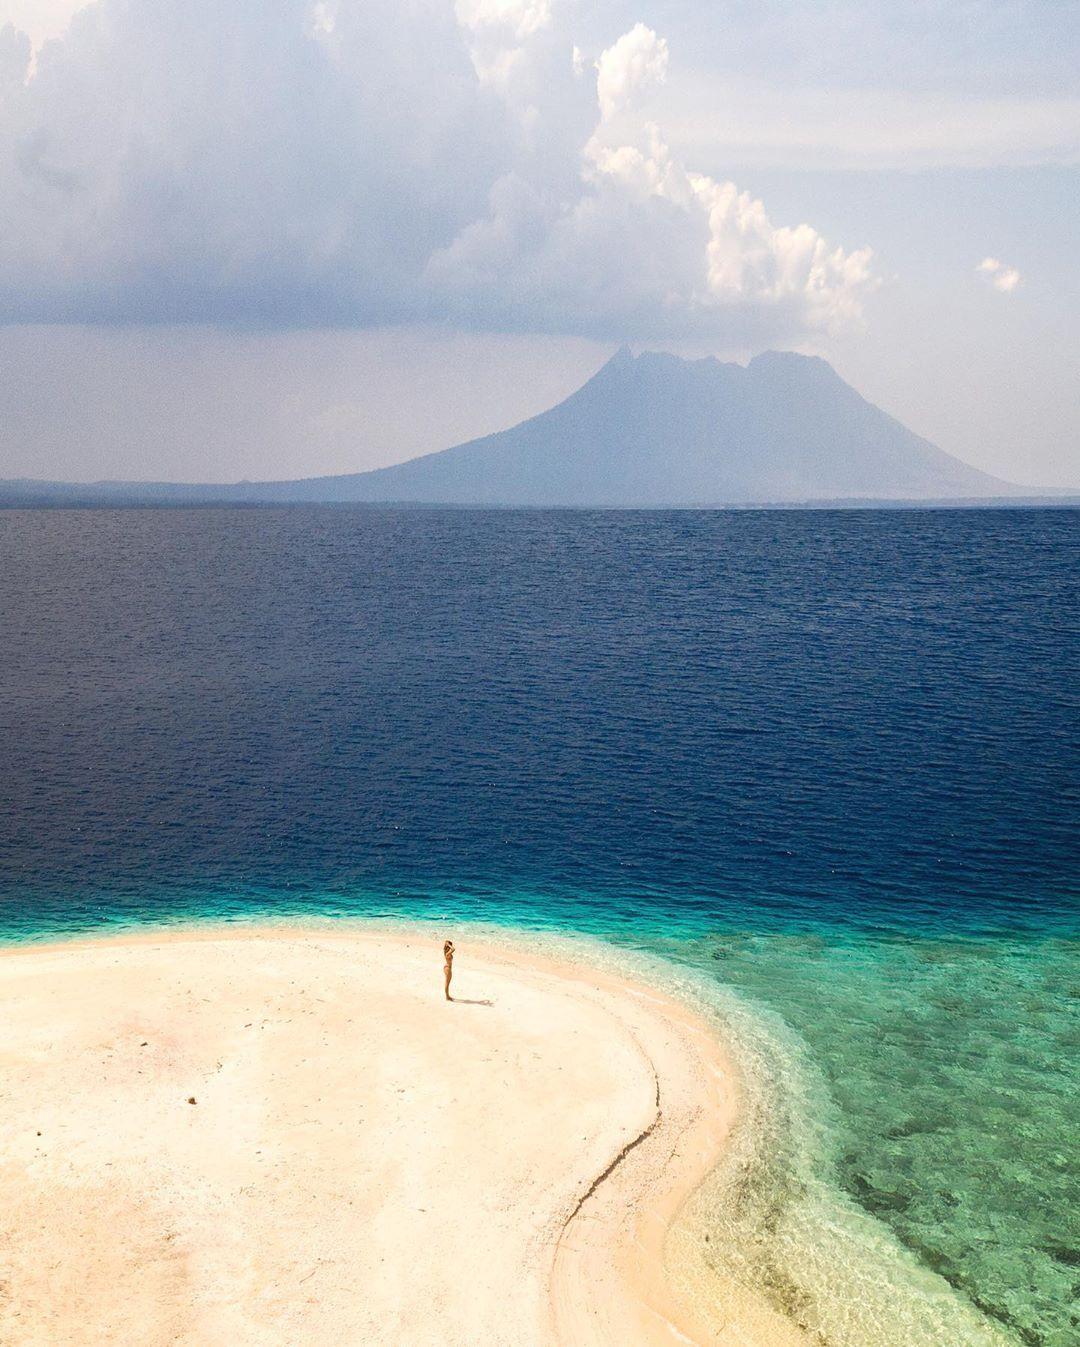 Indonesia Tabuhan Island East Java Travel instagram